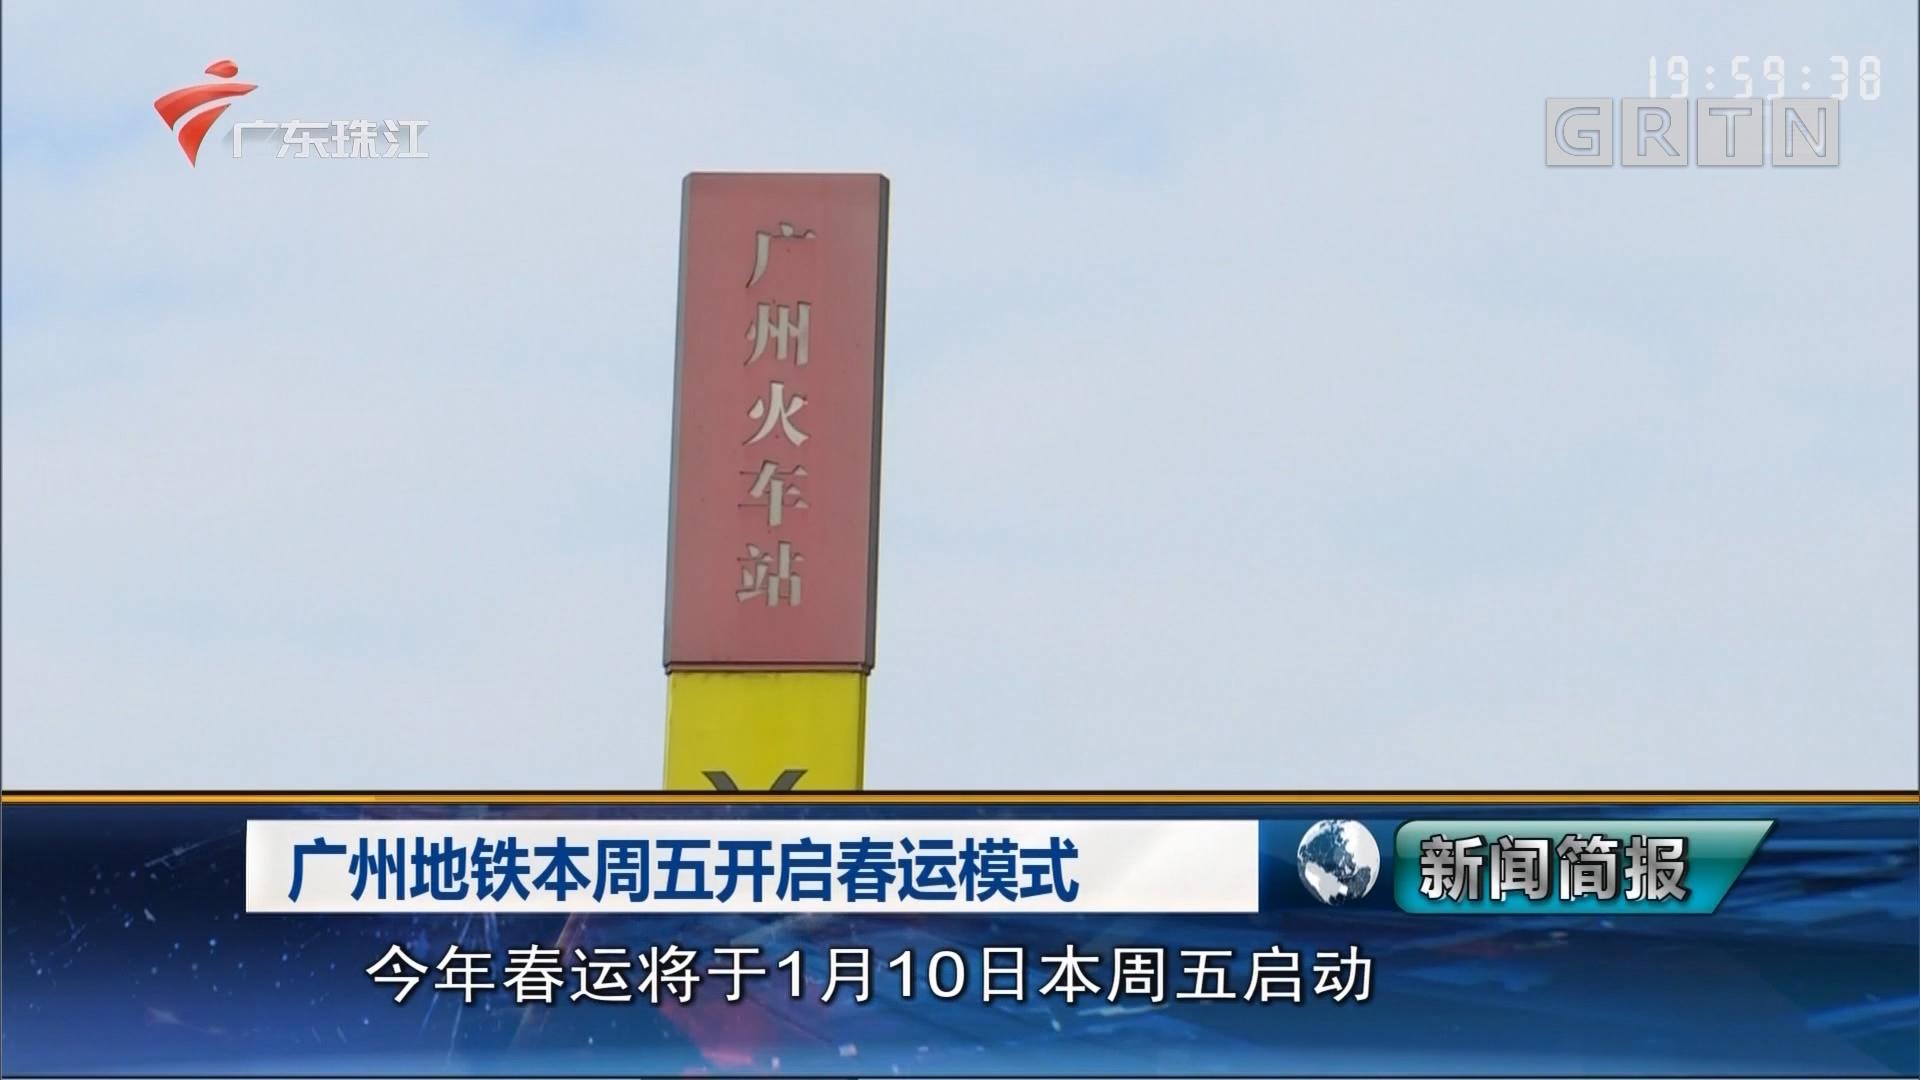 广州地铁本周五开启春运模式